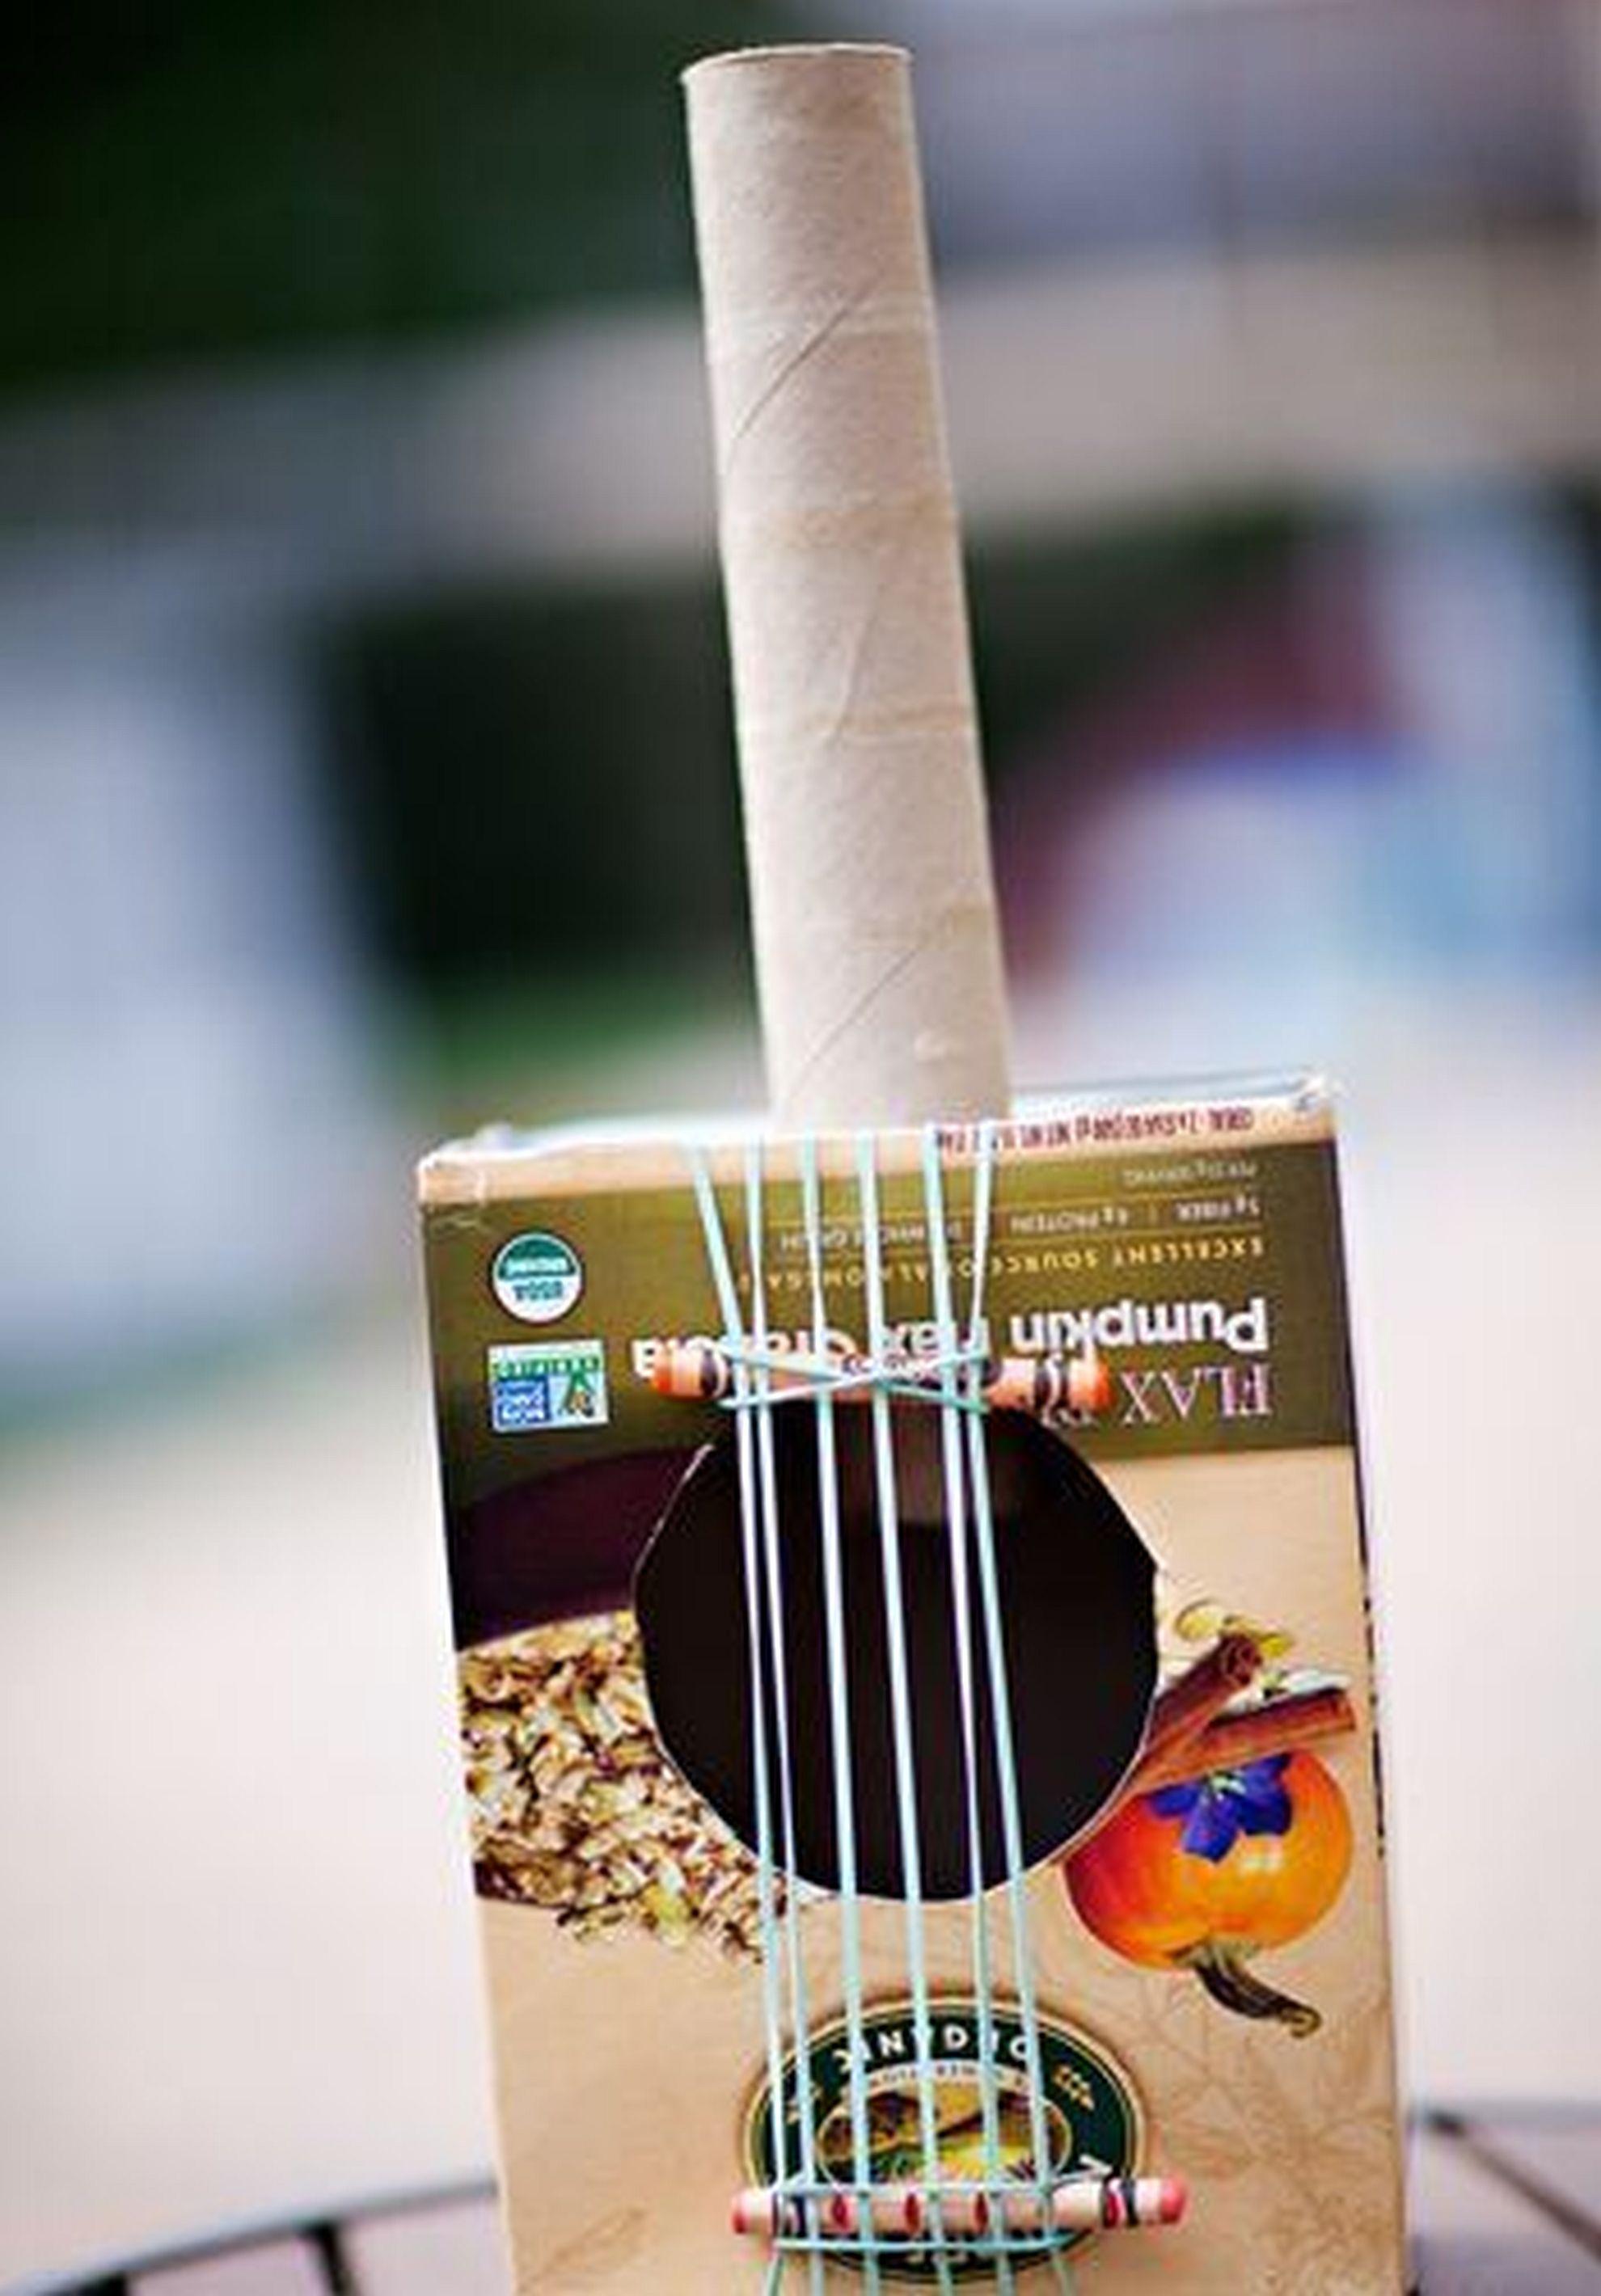 Guitarra de papel: você irá precisar apenas de uma caixa, um rolo de papel toalha, fita adesiva e elásticos. Foto: Pinterest/ Divulgação